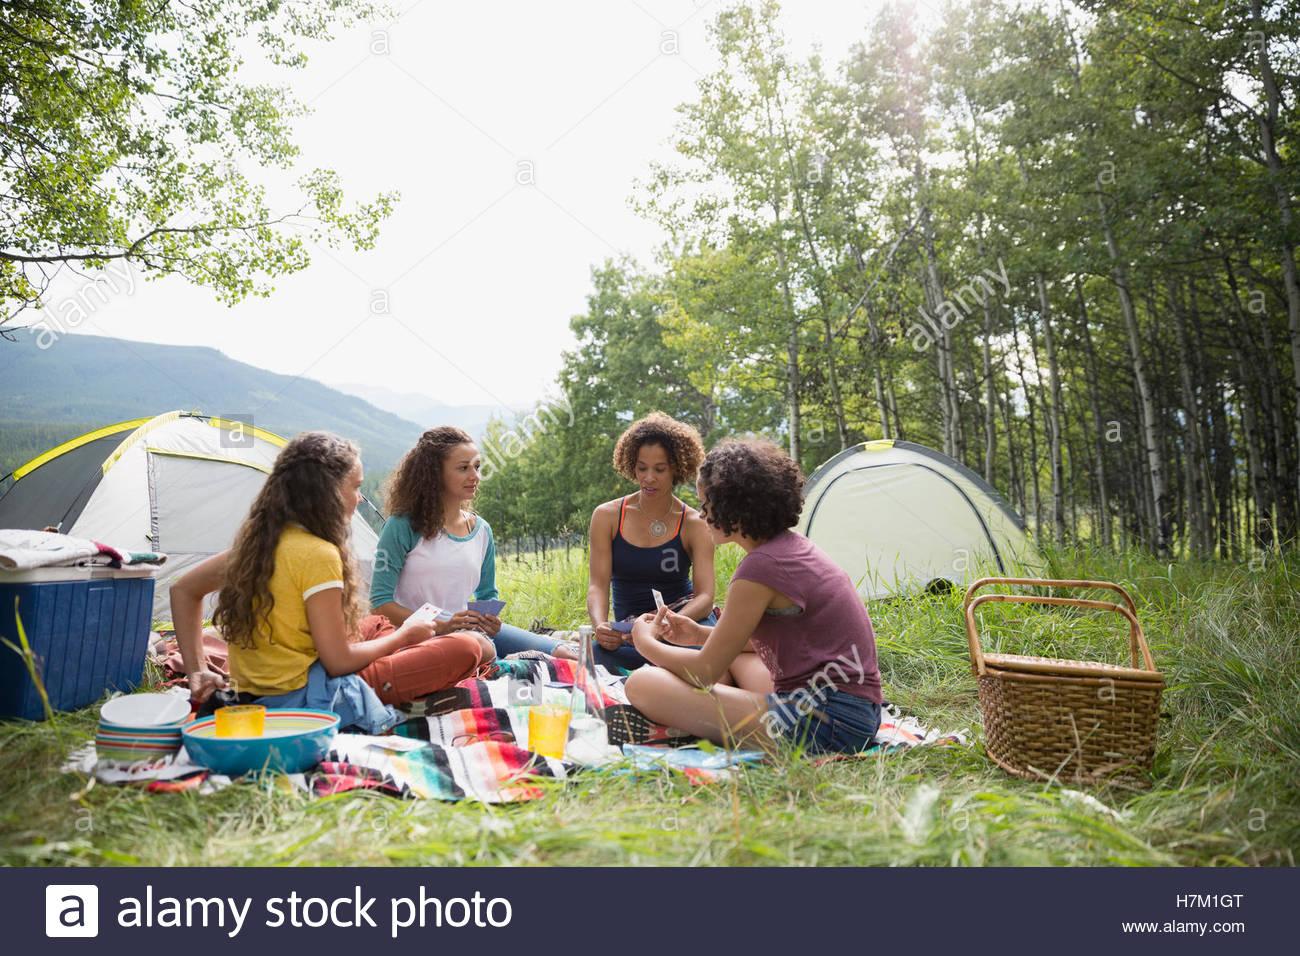 Mutter und Töchter spielen Kartenspiel auf Decke auf ländlichen Campingplatz Stockbild